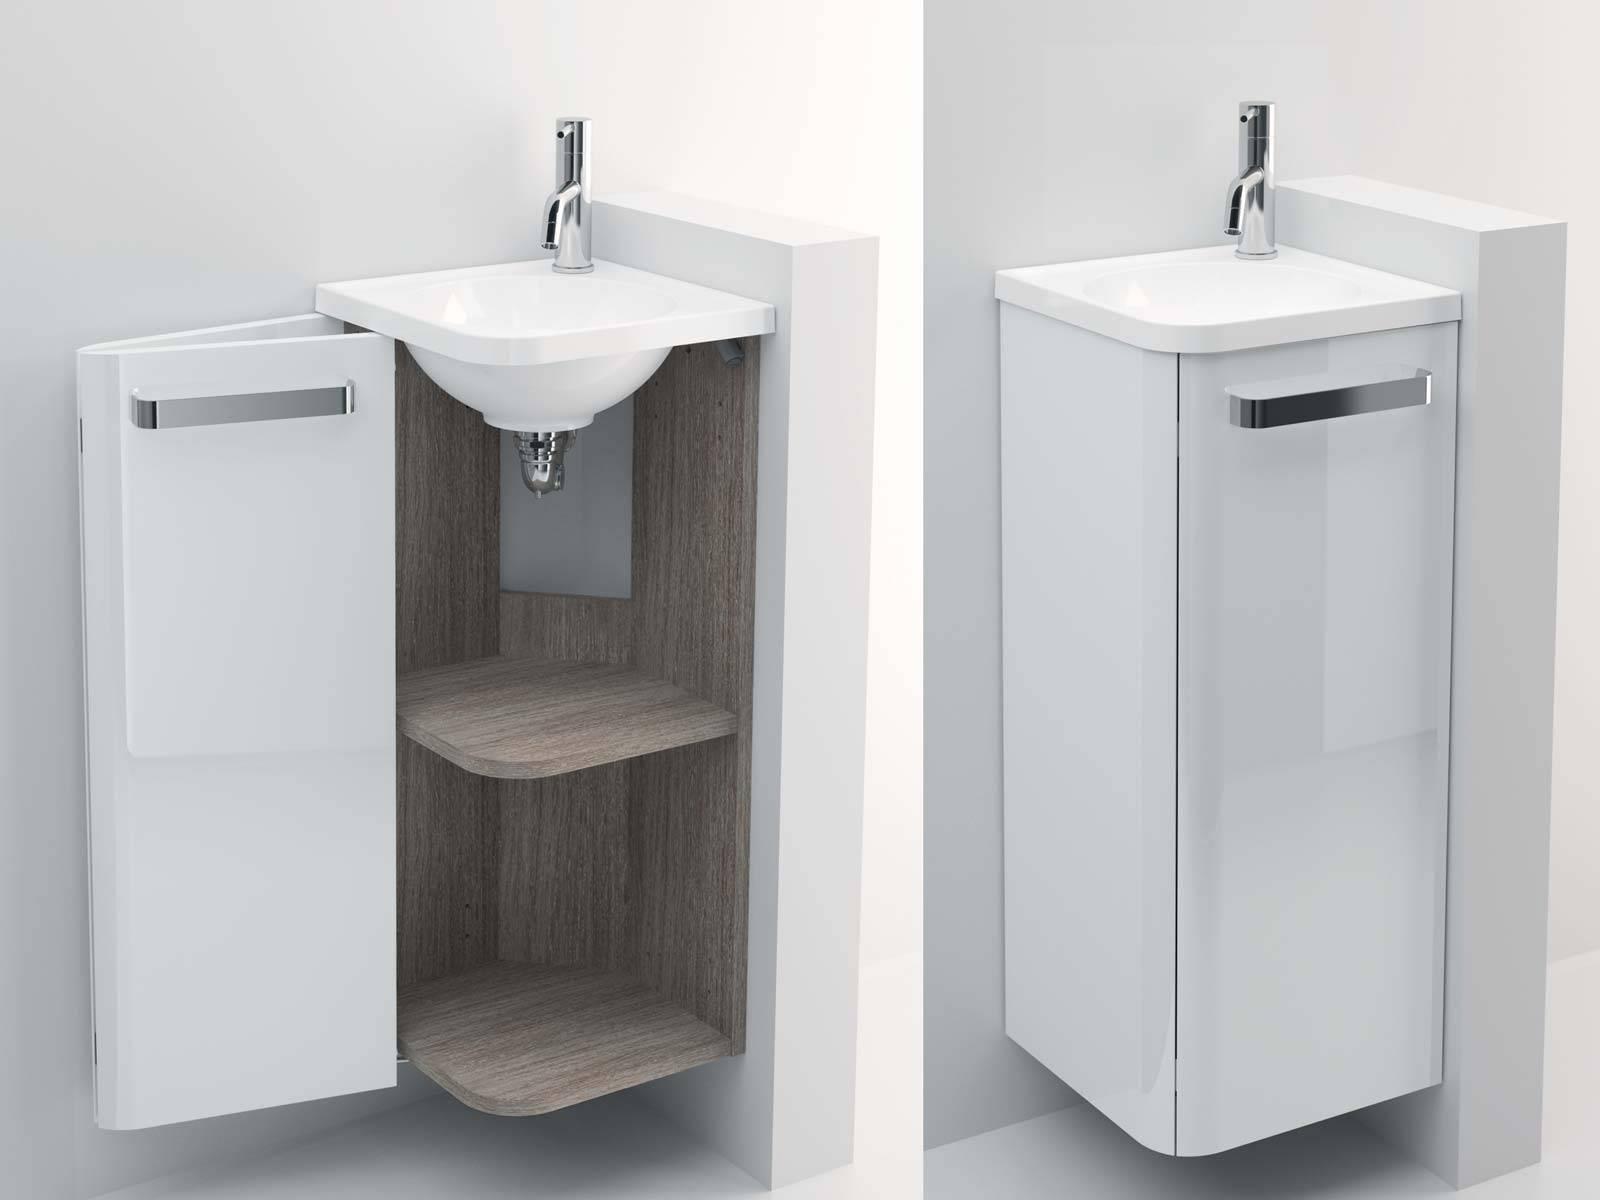 meuble lave mains jazz decotec magasin pour vente de. Black Bedroom Furniture Sets. Home Design Ideas